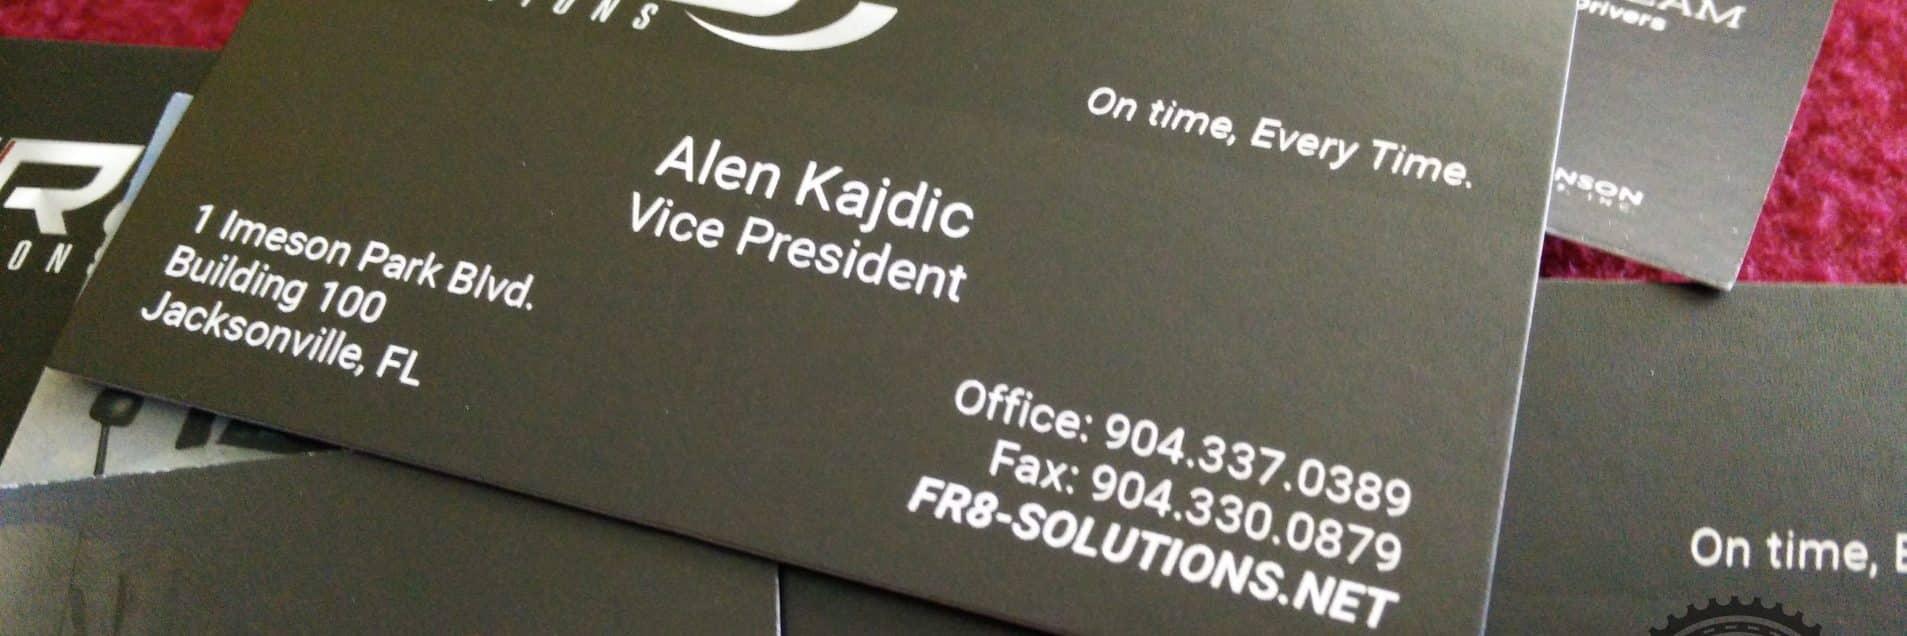 Fr8 solutions business cards skepple inc business cards for fr8 solutions reheart Images